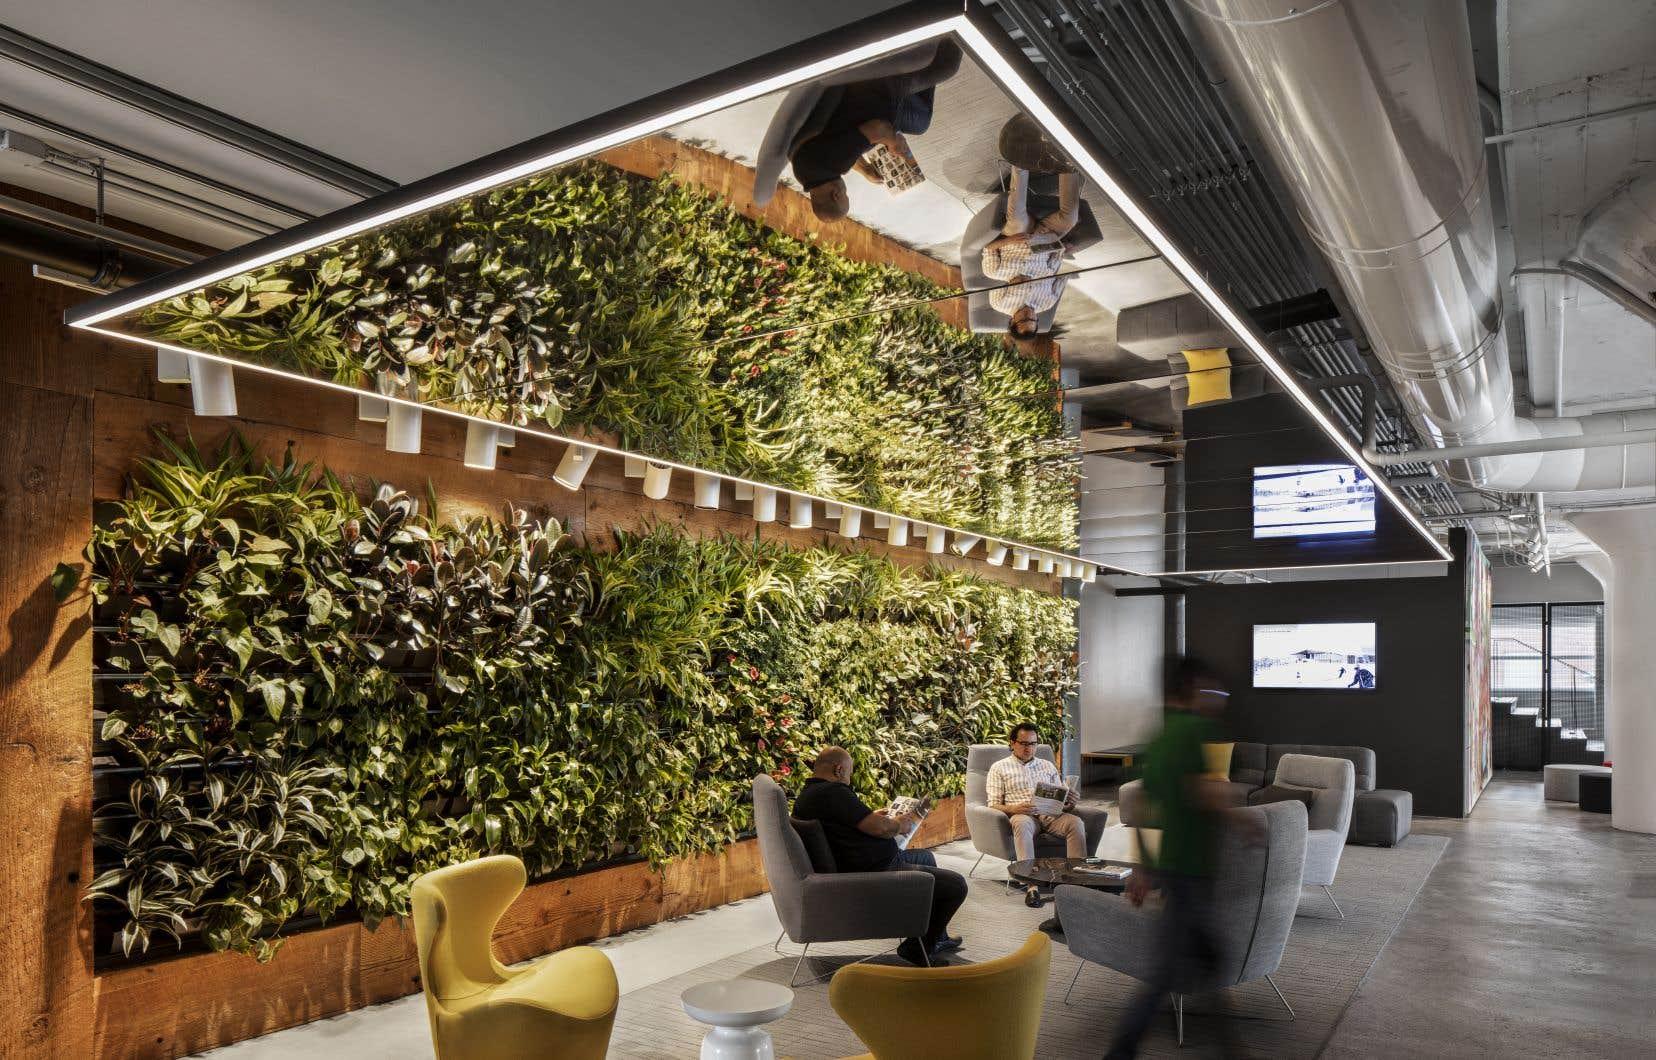 Anciennement un entrepôt, le Phénix est devenu un modèle d'efficacité énergétique avec son système de récupération de la chaleur et son mur végétal, entre autres.